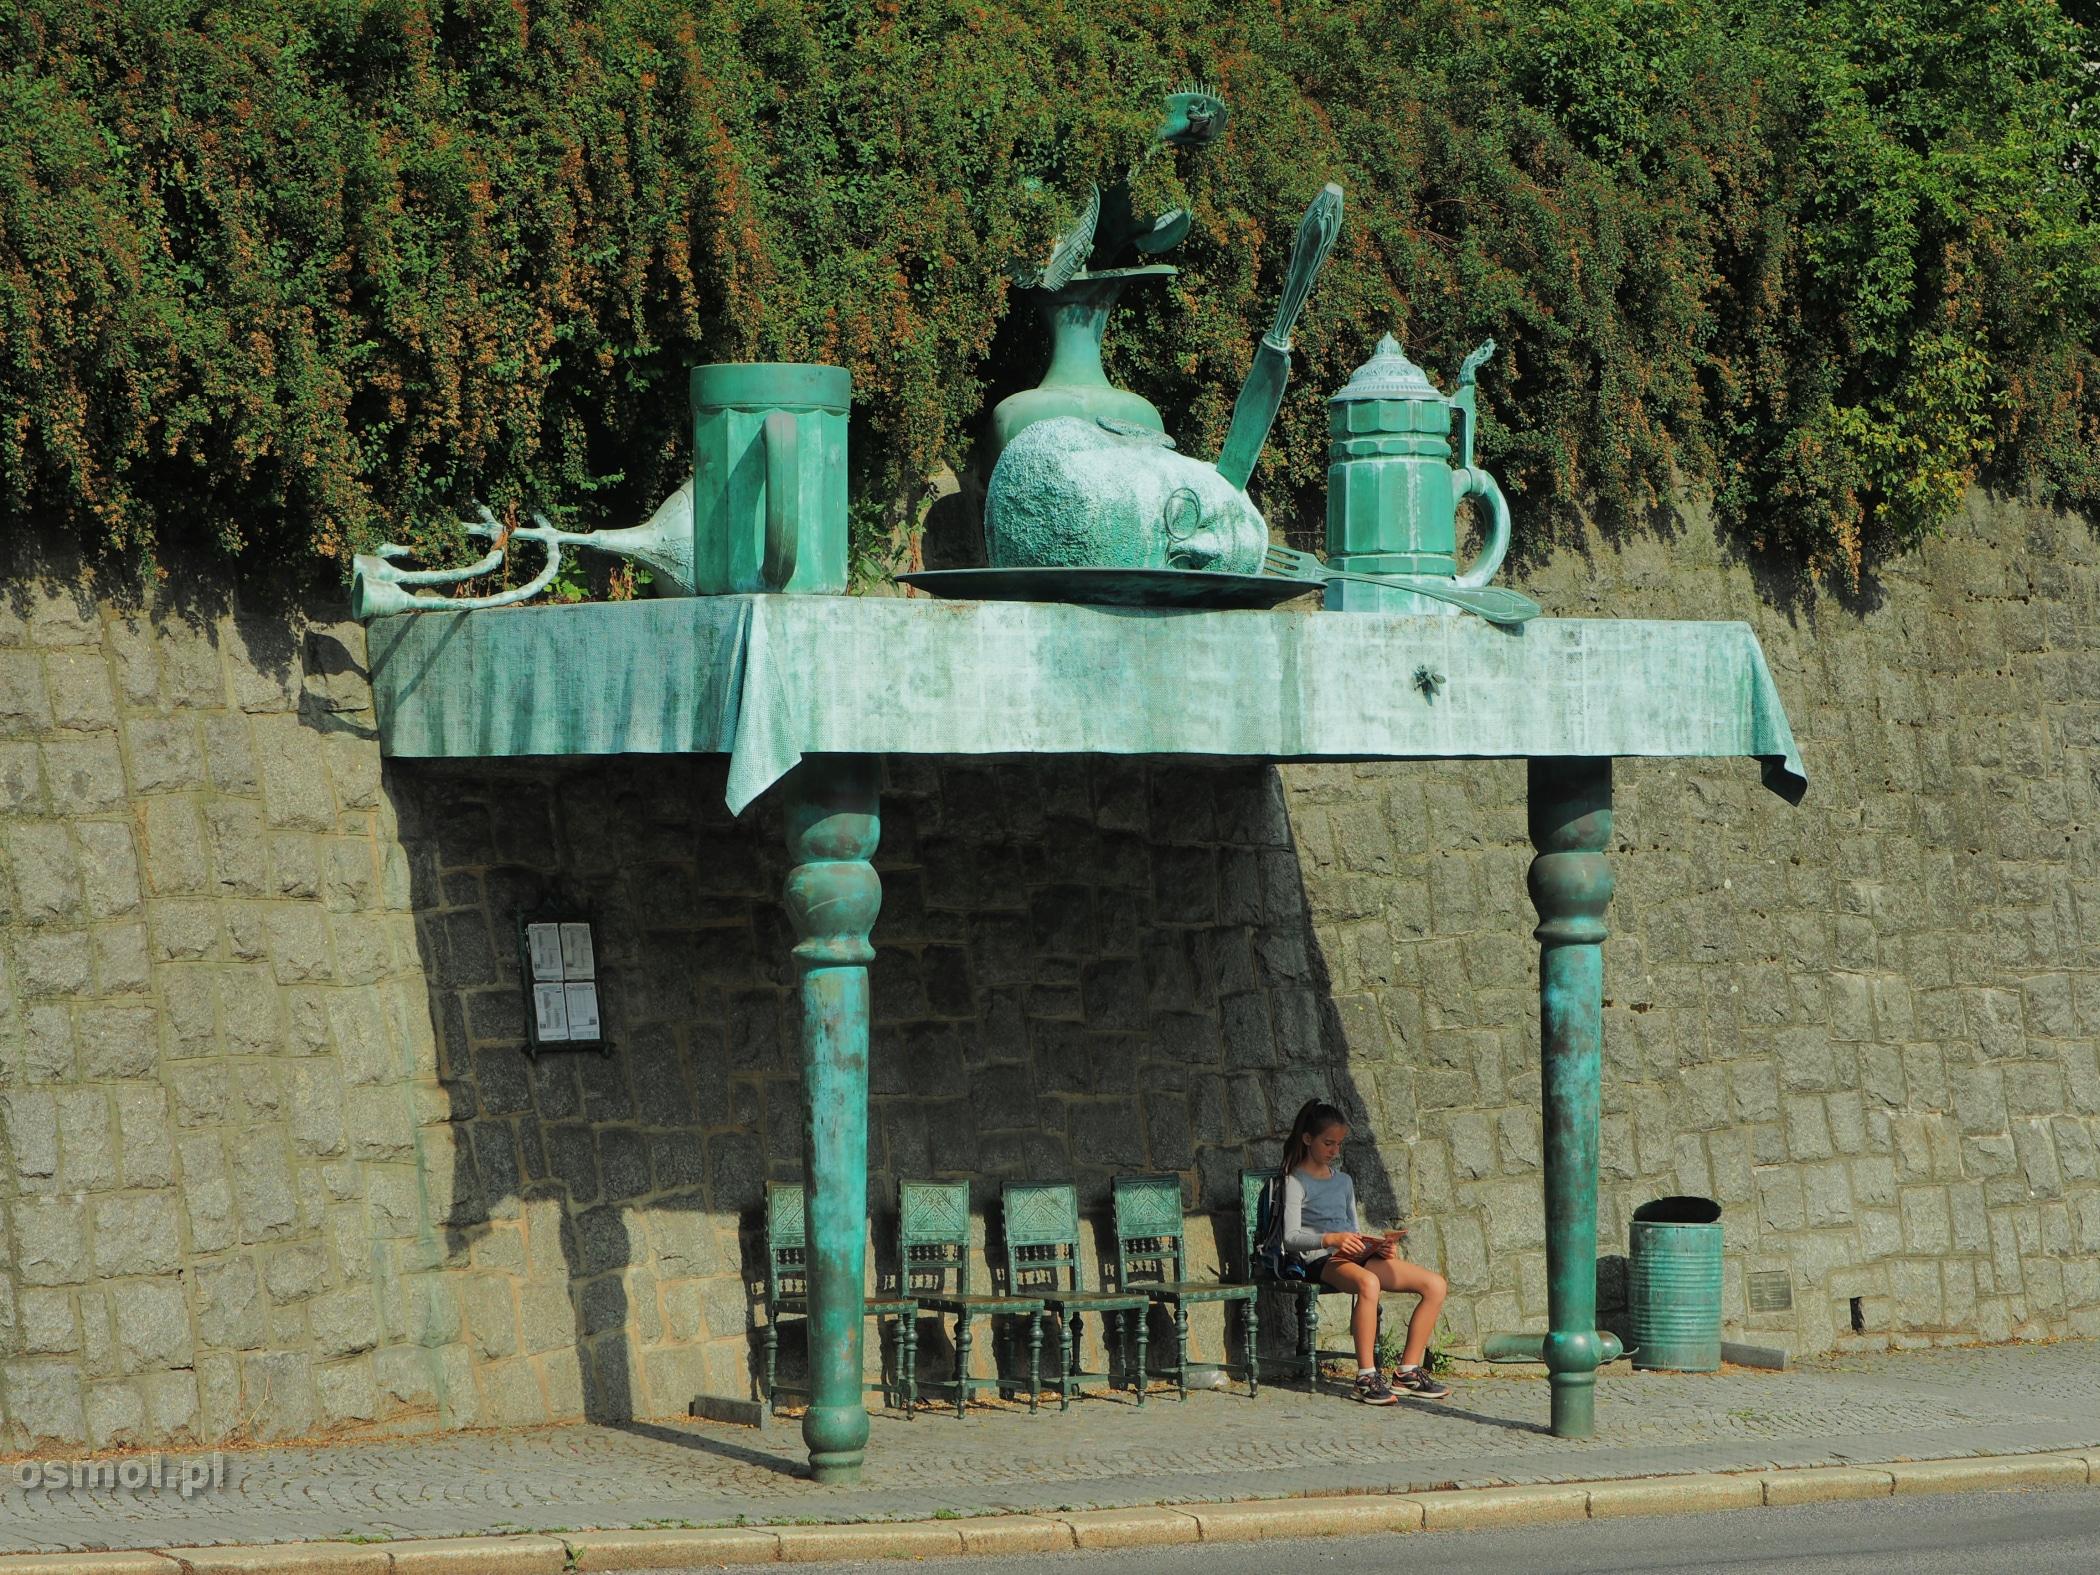 Rzeźba czy raczej instalacja Davida Cernego w Libercu